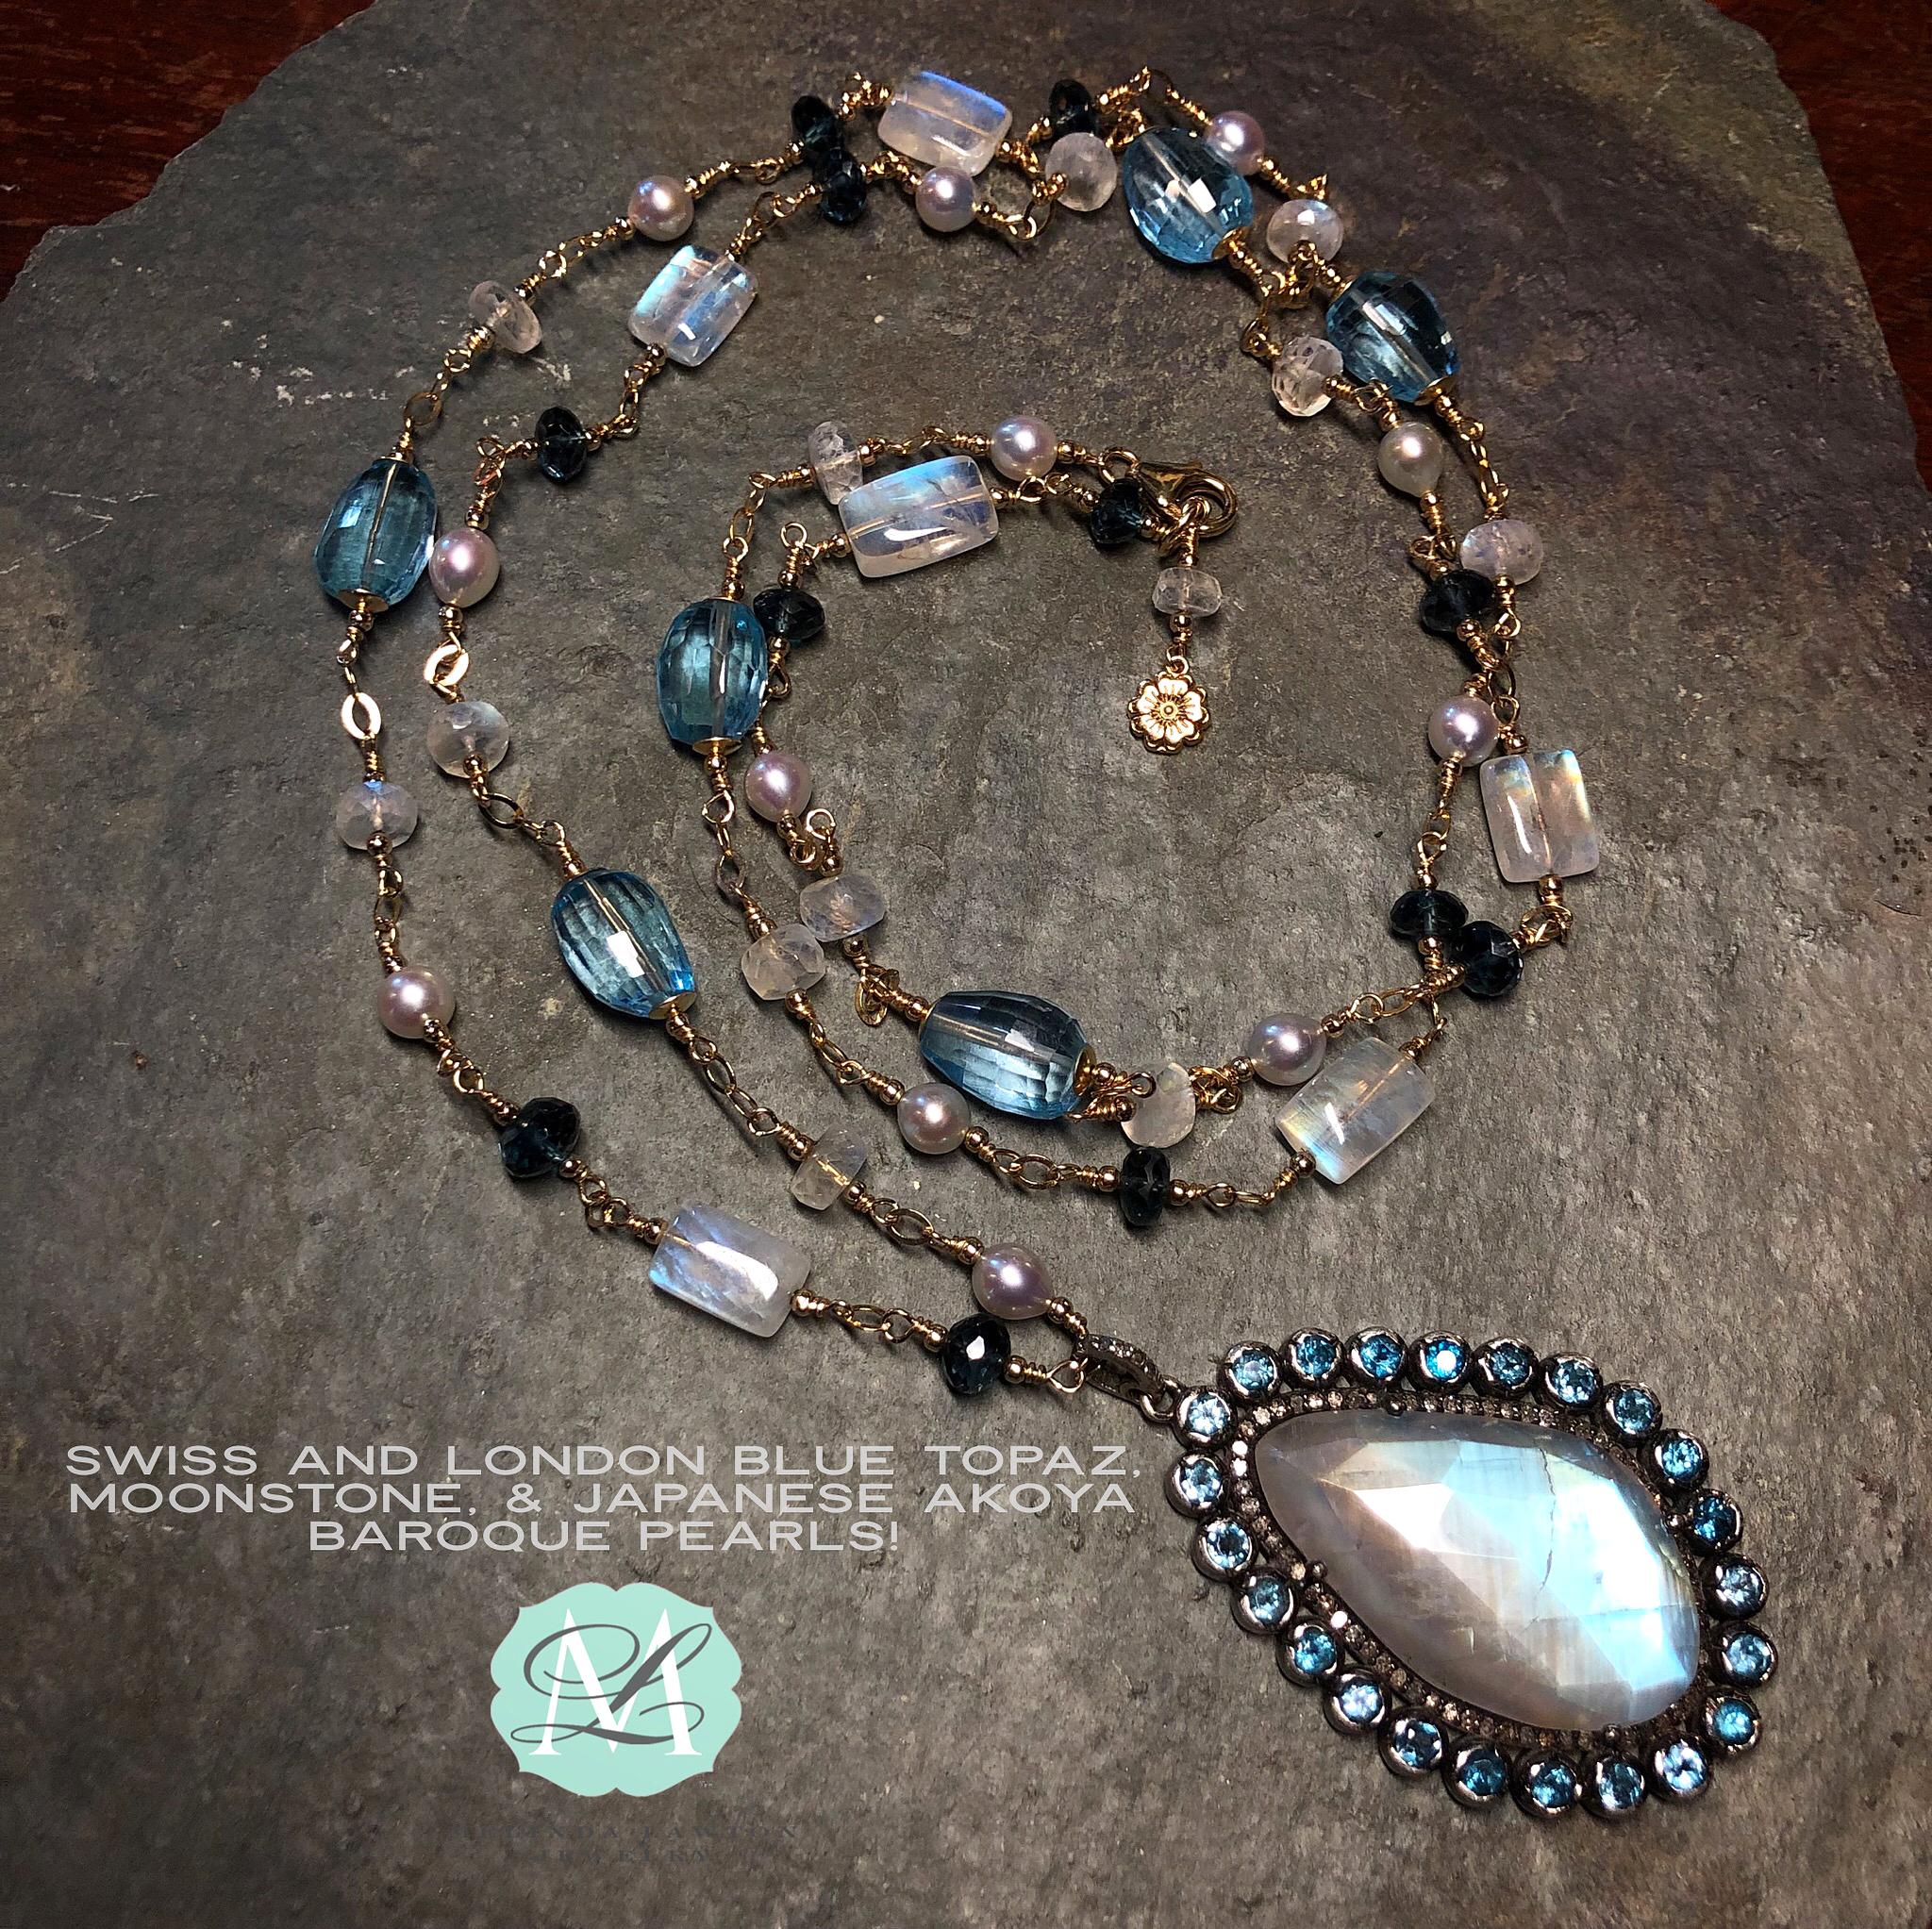 Moonstone Akoya Blue Topaz